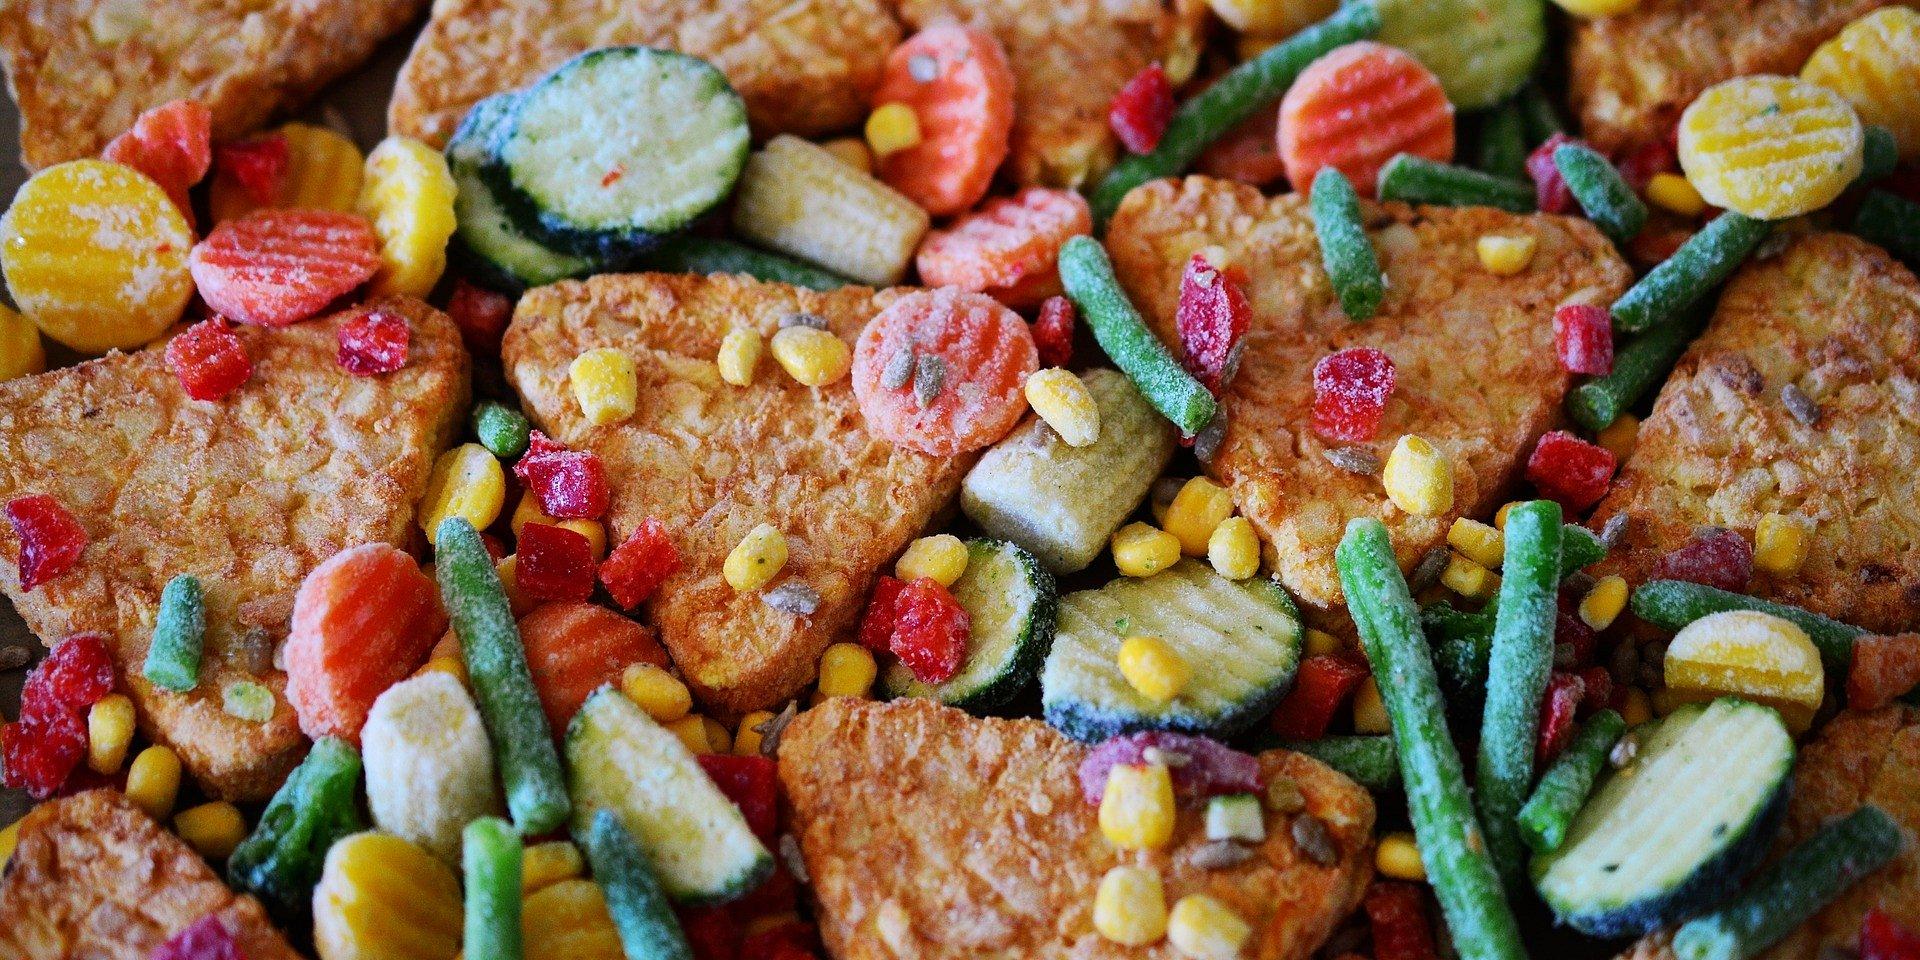 Czystsze środowisko, lepsza żywność - nowa metoda naukowców UŁ